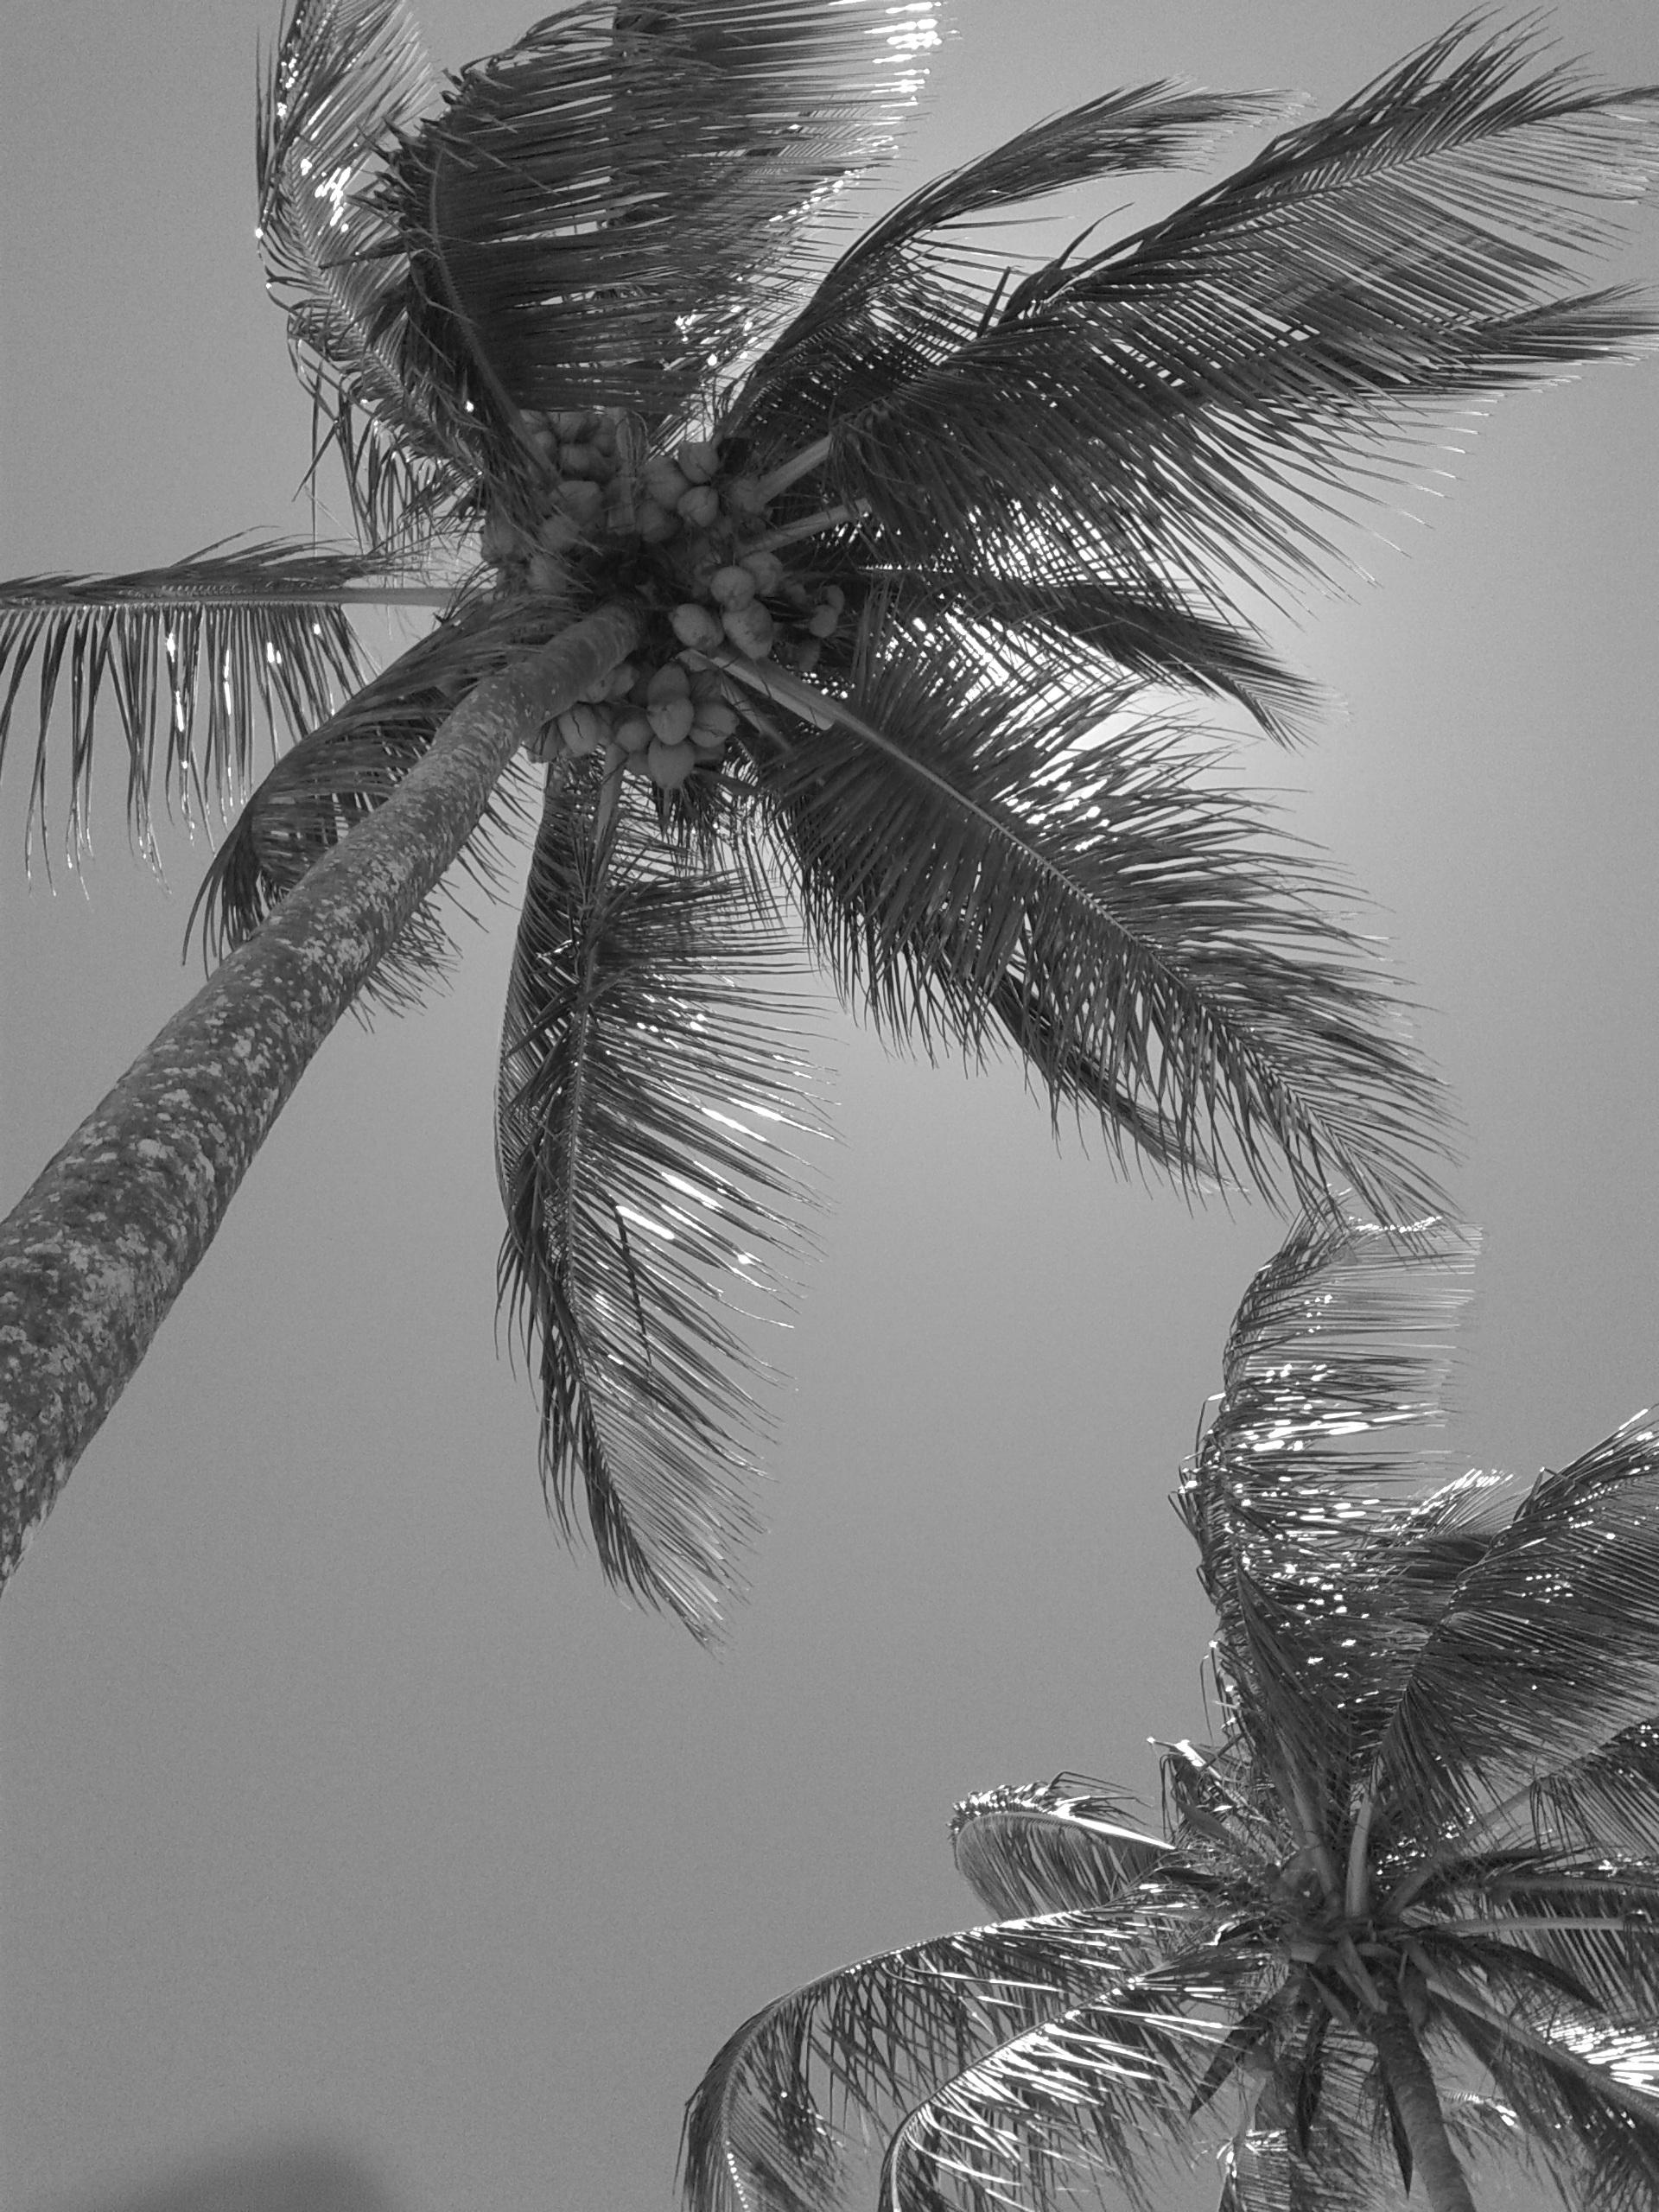 7700 Koleksi sketsa pemandangan pantai hitam putih Gratis Terbaik